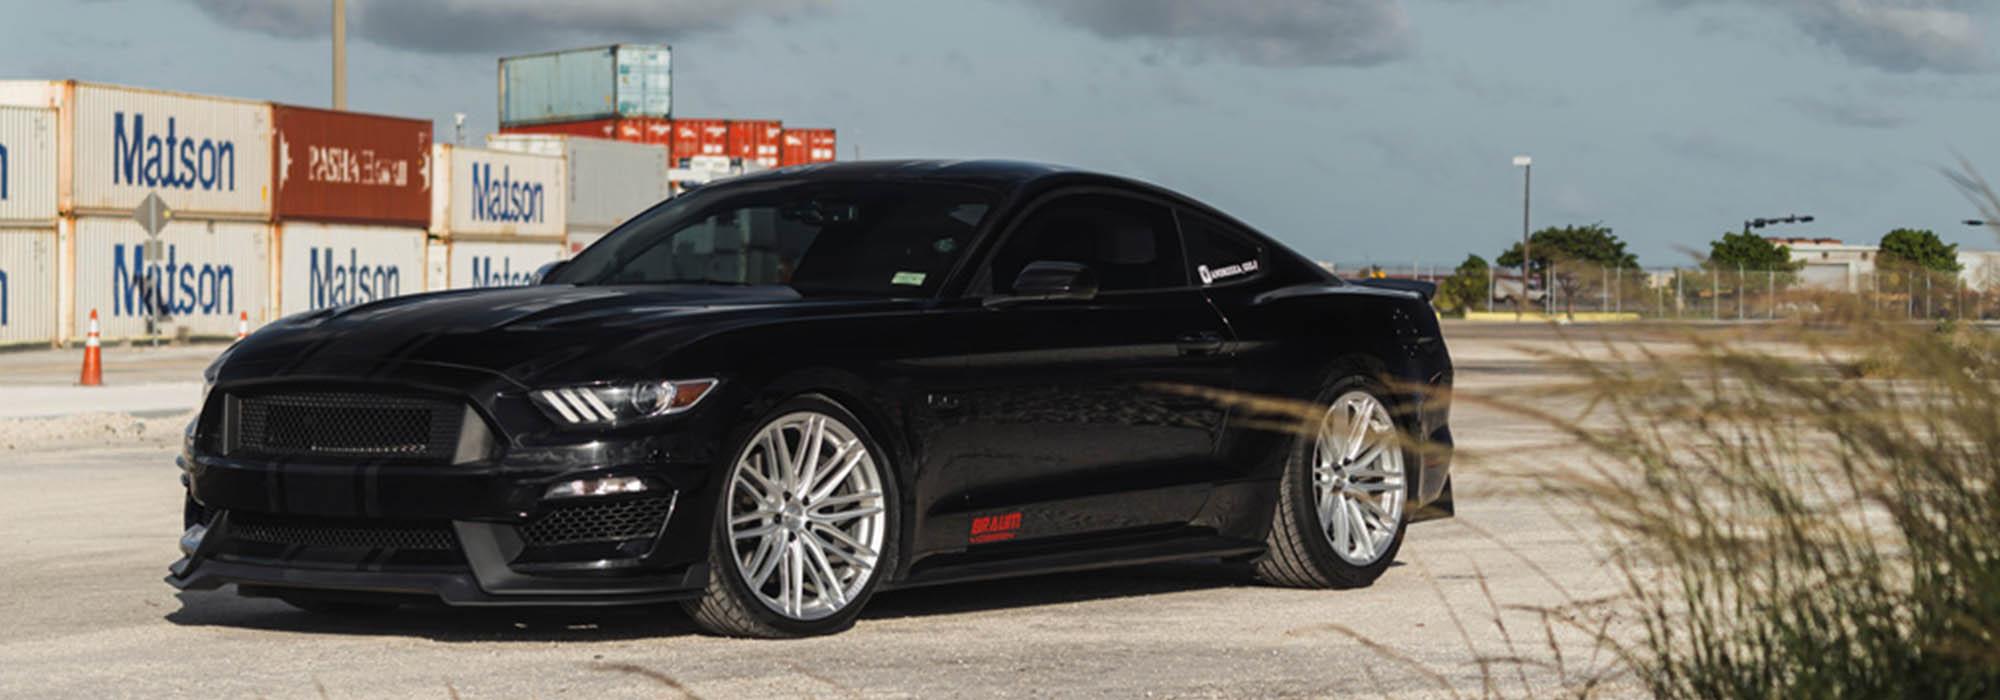 slide1_CG202_0000_Vossen-Black-Mustang-Hybrid-7